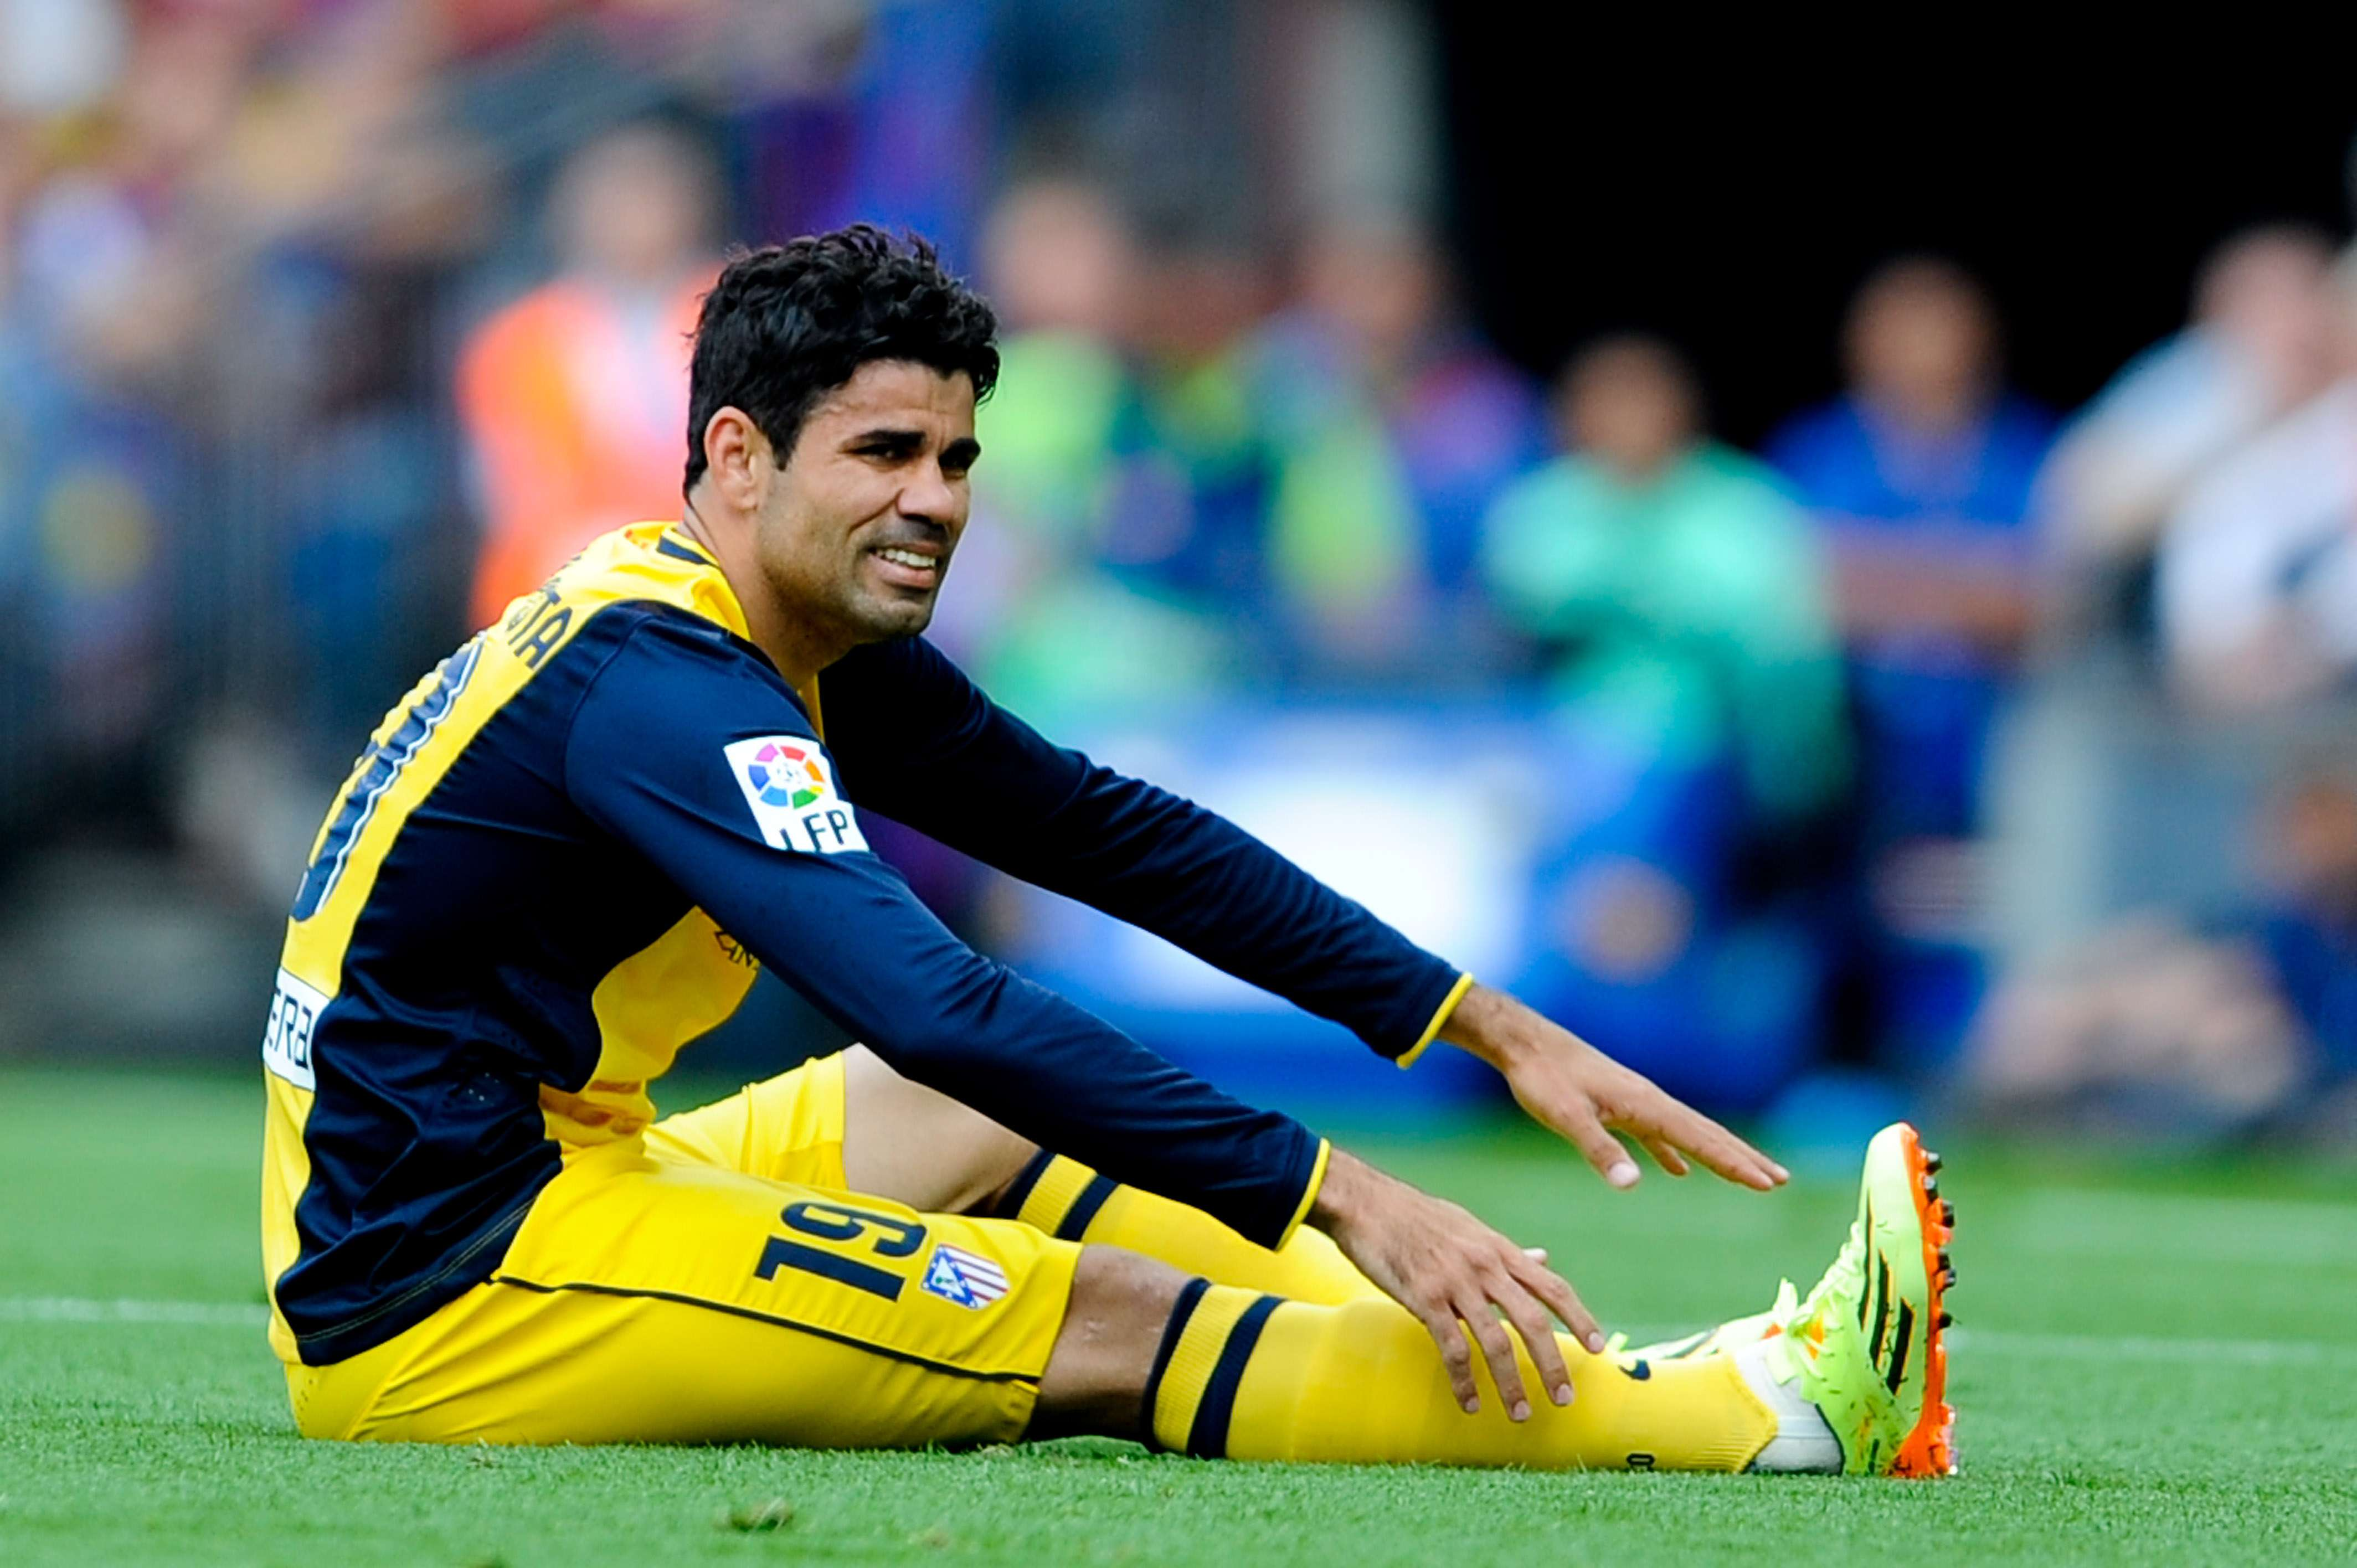 Costa sufre lesión y peligra presencia en final de Champions